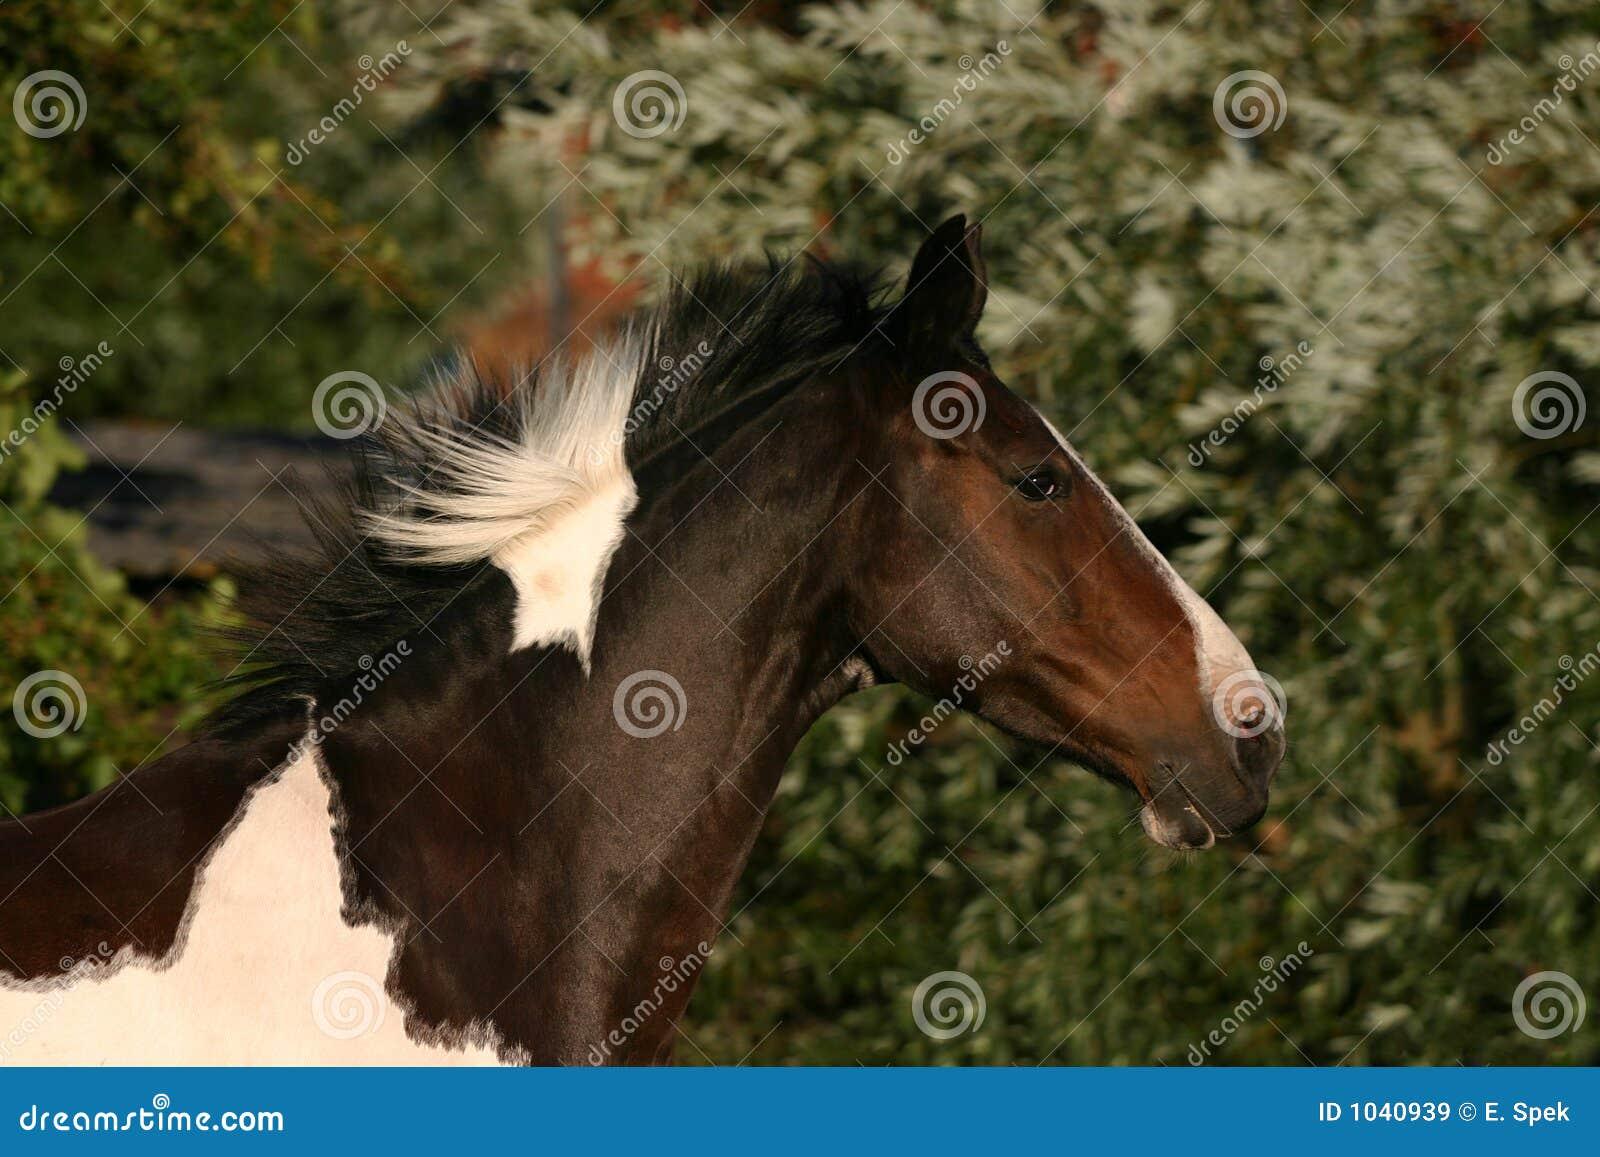 Running horse head